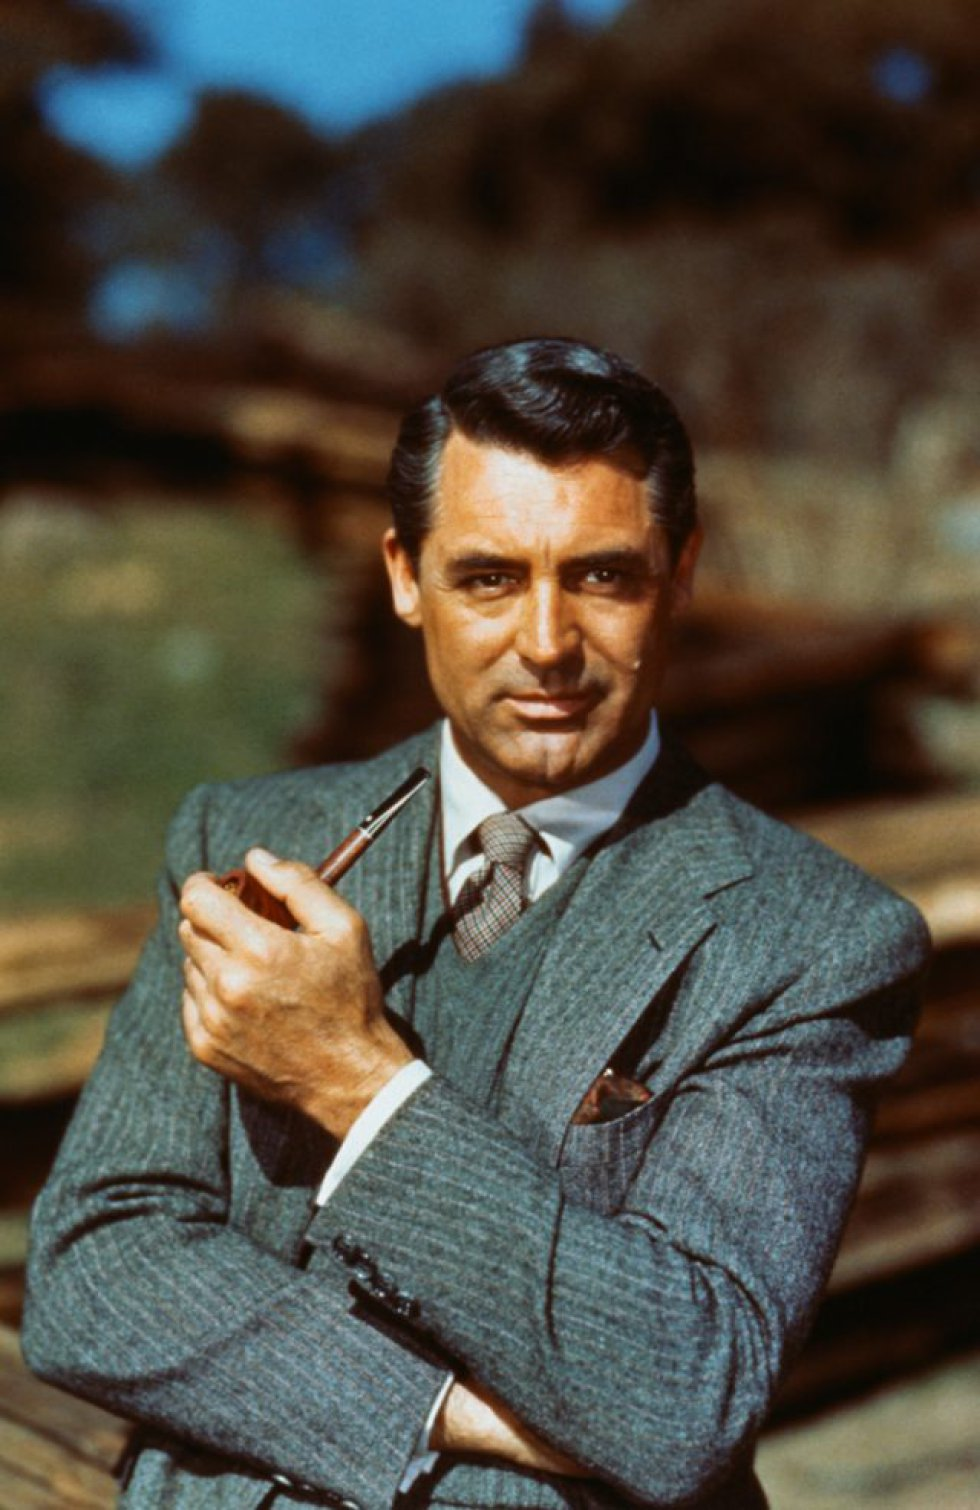 Cary Grant. O ator teve uma vida marcante, além de ter estrelado filmes históricos em mais de 60 obras, vendeu gravatas, foi gigolô de homens e mulheres da alta sociedade e praticou uma bissexualidade notória no meio artístico, mas silenciada publicamente. Casou-se cinco vezes e teve uma filha, Jennifer Grant. De acordo com alguns biógrafos, manteve um relacionamento com o ator Randolph Scott e outro com o figurinista Orry-Kelly. Também se falou de um caso com Sophia Loren durante as filmagens de Orgulho e Paixão, na Espanha.